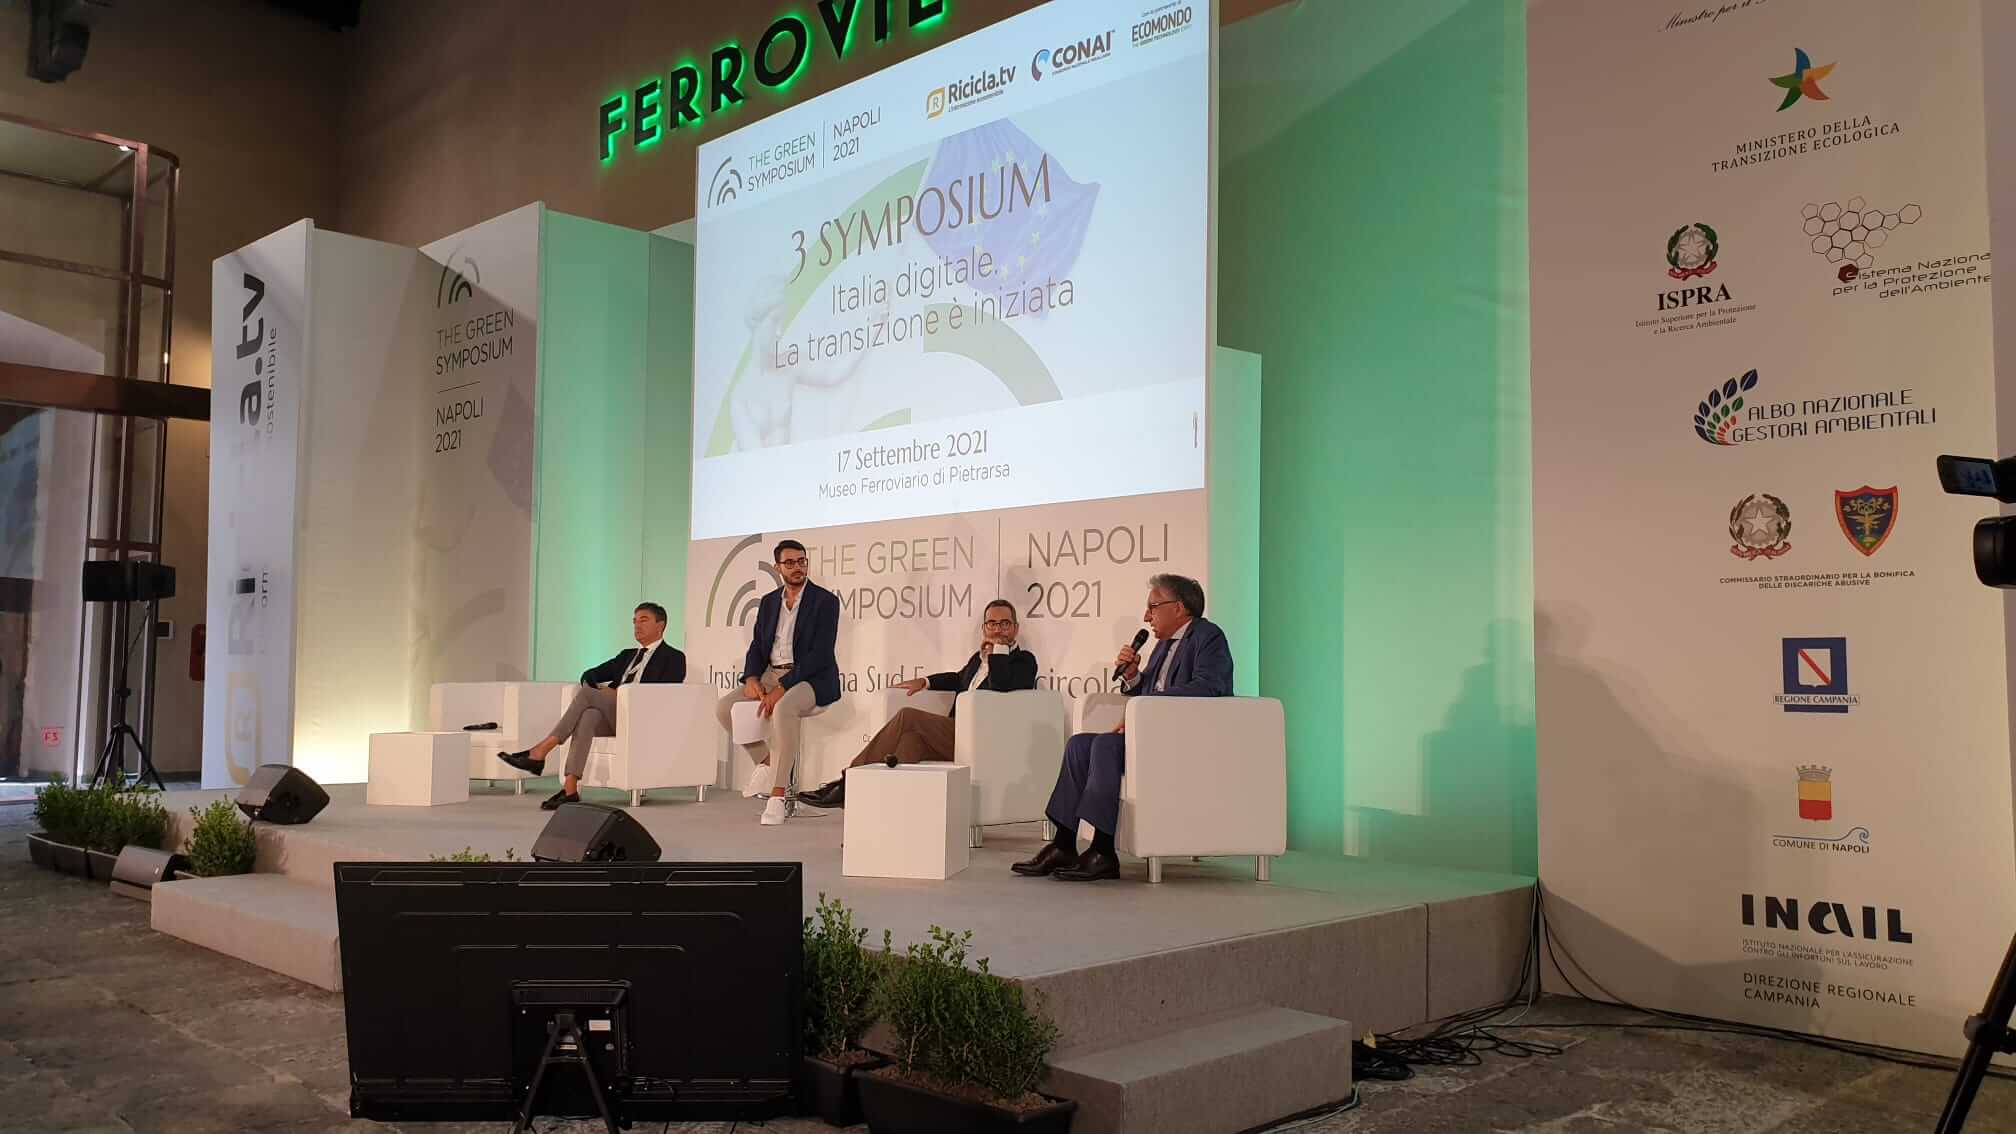 L'intervento di Gaetano Drosi al Green Symposium 2021